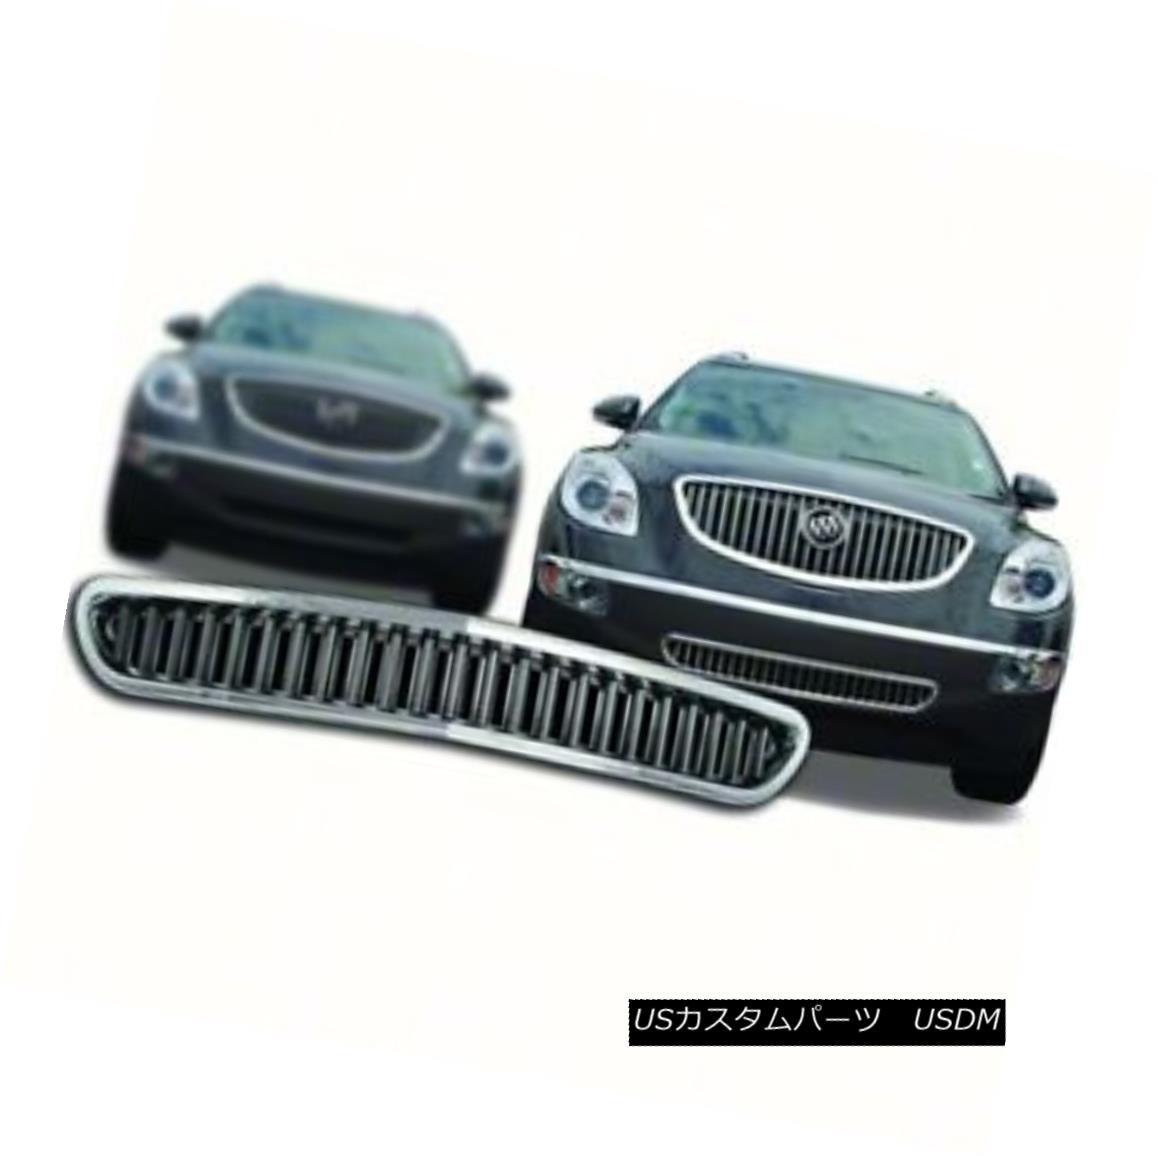 グリル Fits 08-12 Buick Enclave-(Bottom) Chrome Grille Overlay IWCGI93B フィット08-12 Buick Enclave-(Botto m)クロームグリルオーバーレイIWCGI93B